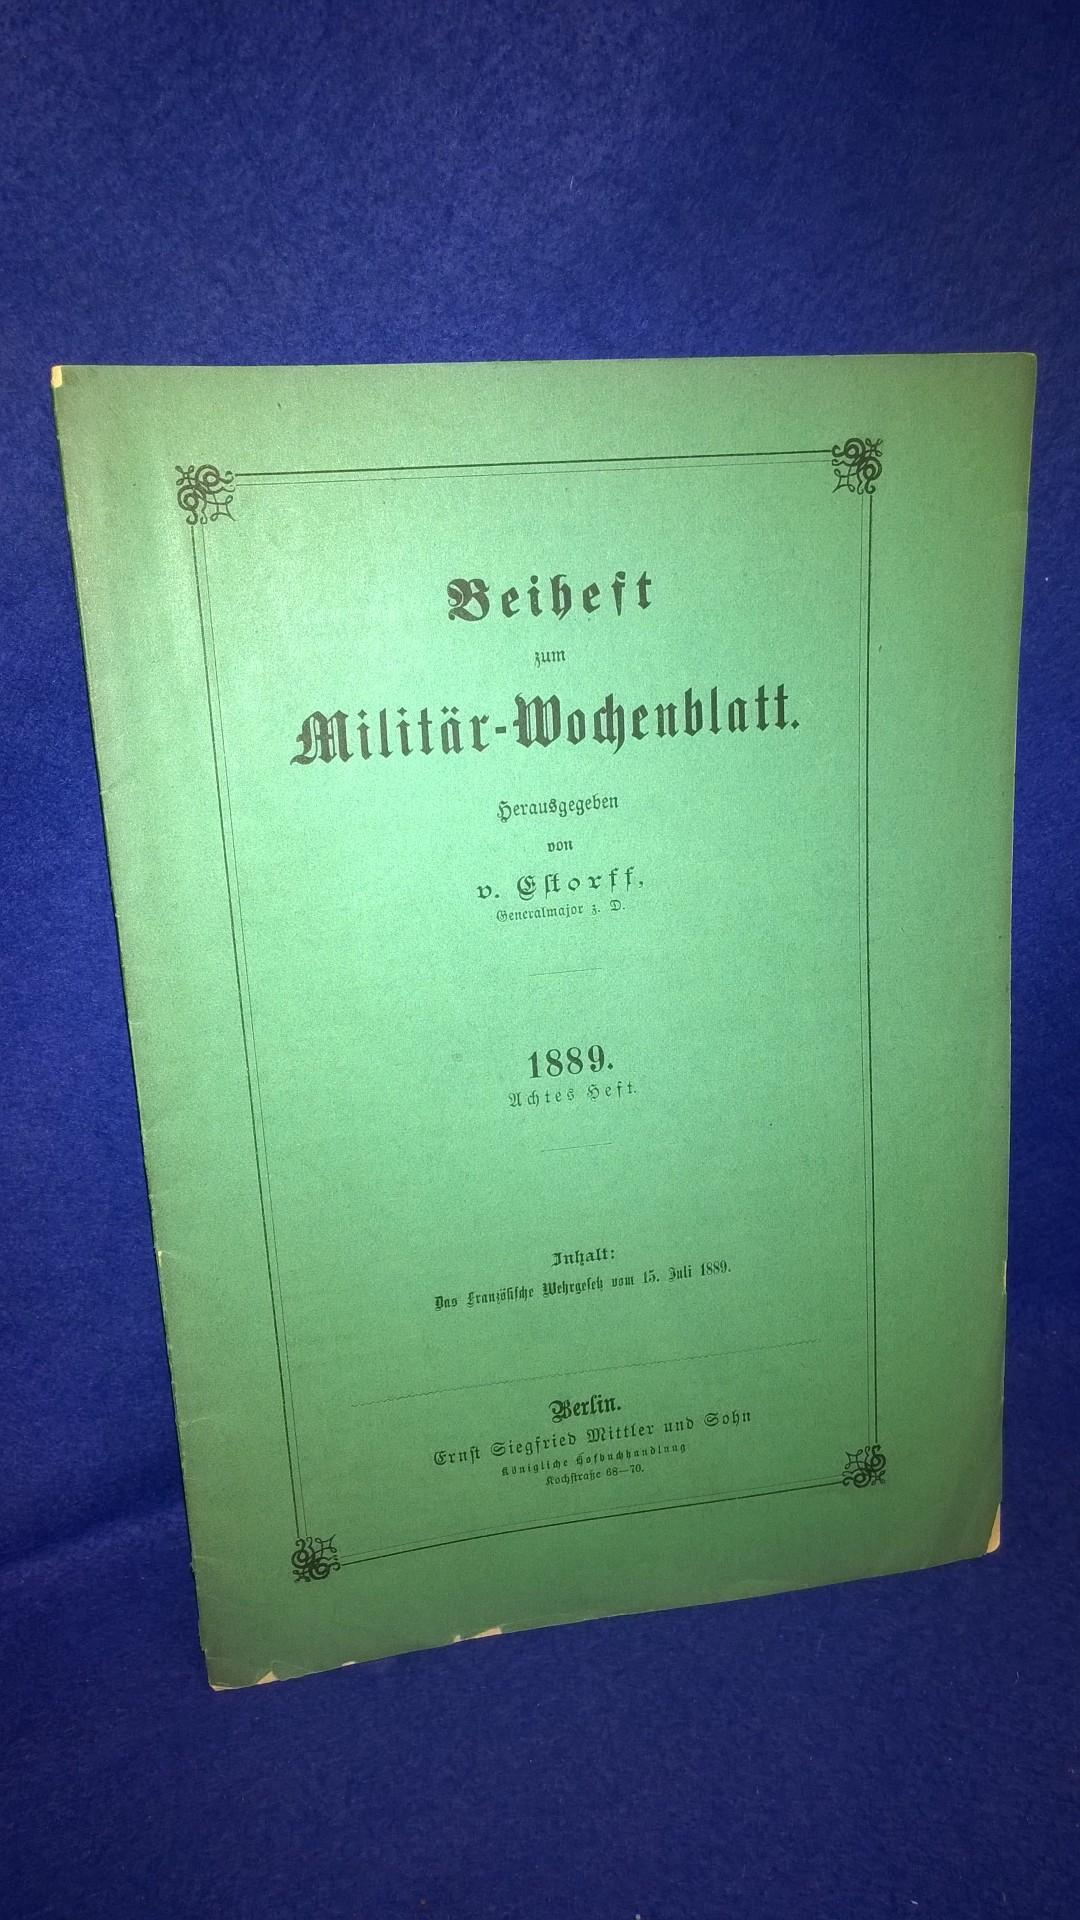 Beiheft zum Militär-Wochenblatt// Themenbeiträge u.a:das französische Wehrgesetz von 15.Juli 1889